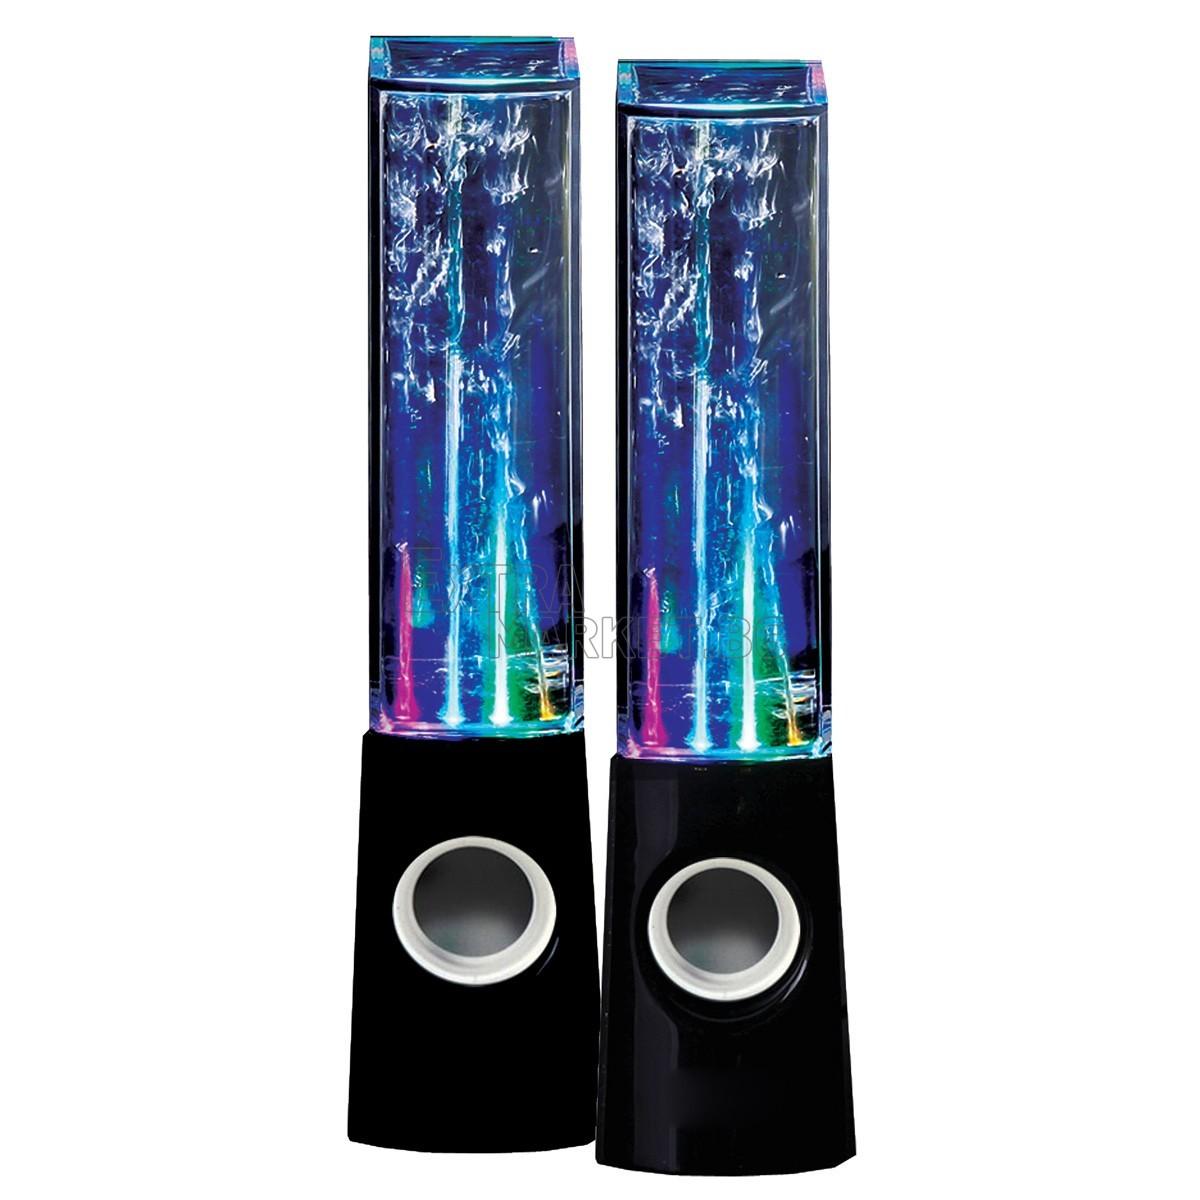 Аудио колонки за компютър с истински водни фонтани